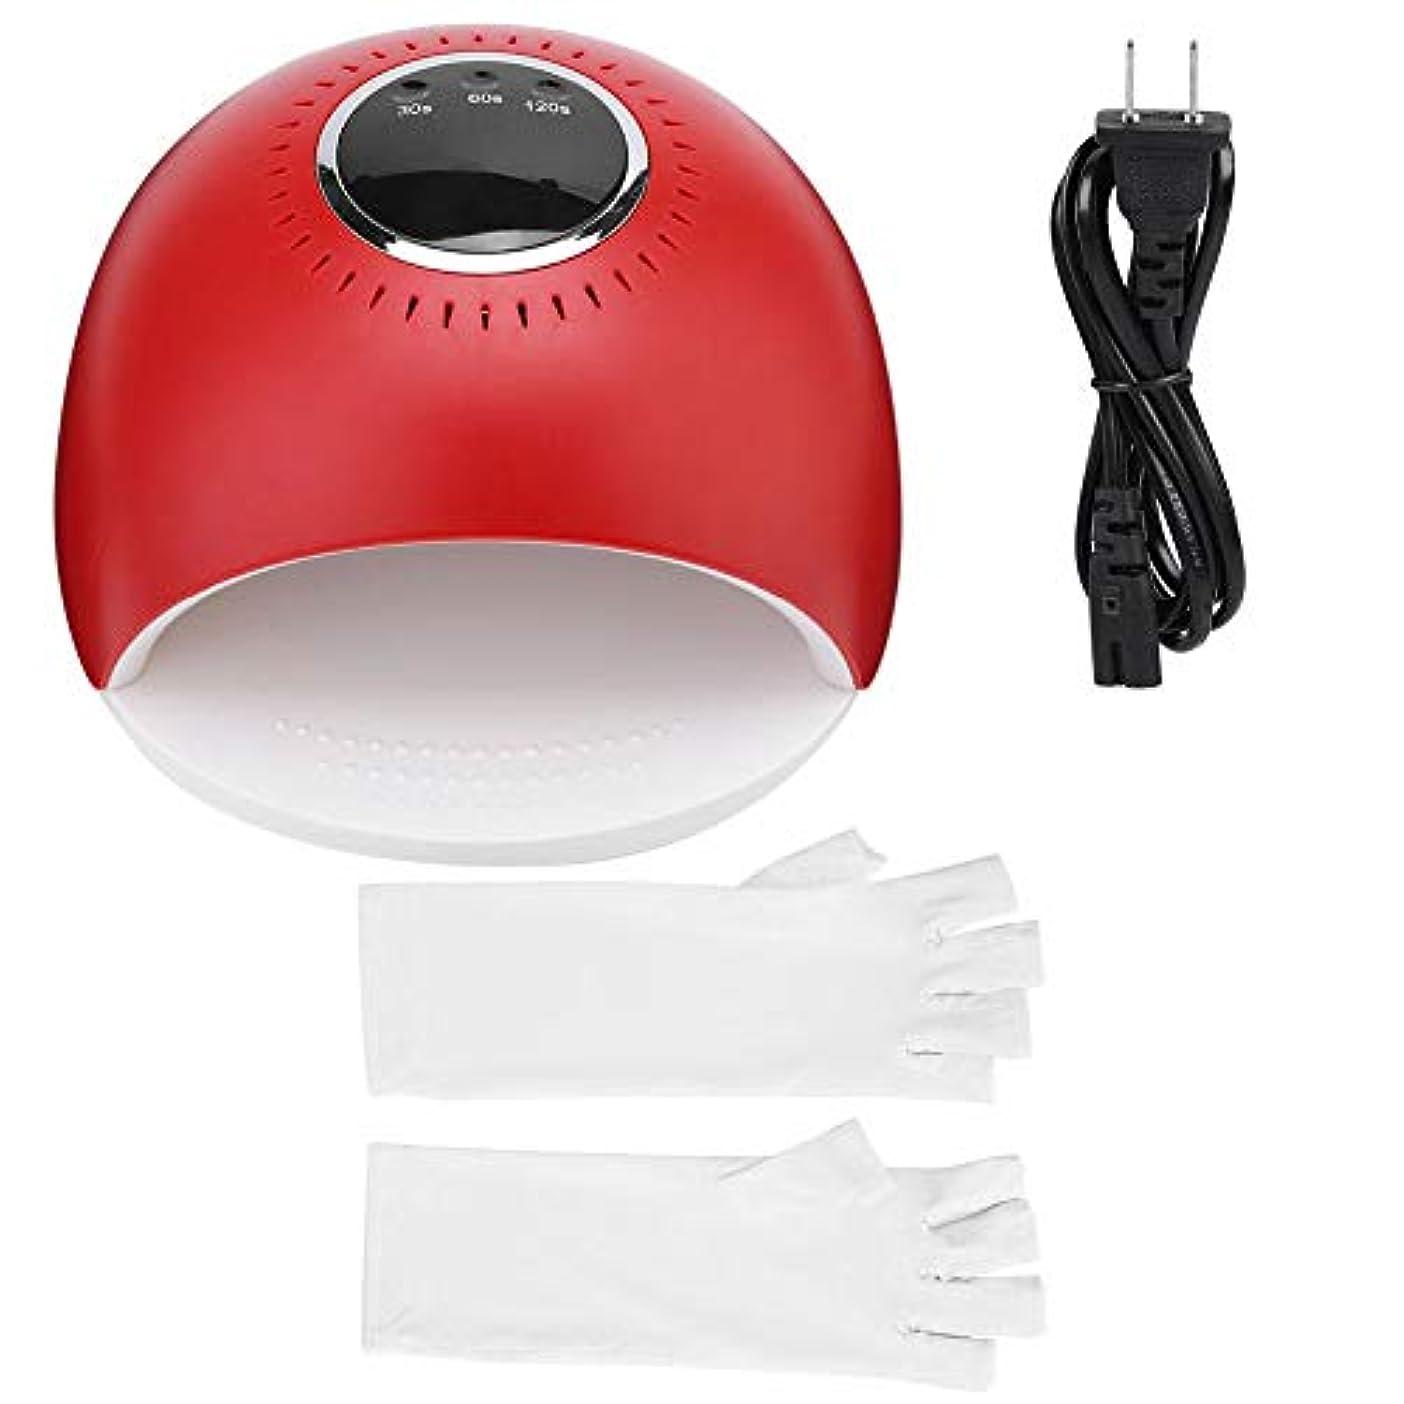 ために前任者斧ネイルドライヤー 爪用ネイル ネイルマニキュアツール 手袋付き ネイルドライヤー用 84W LED UV(04)